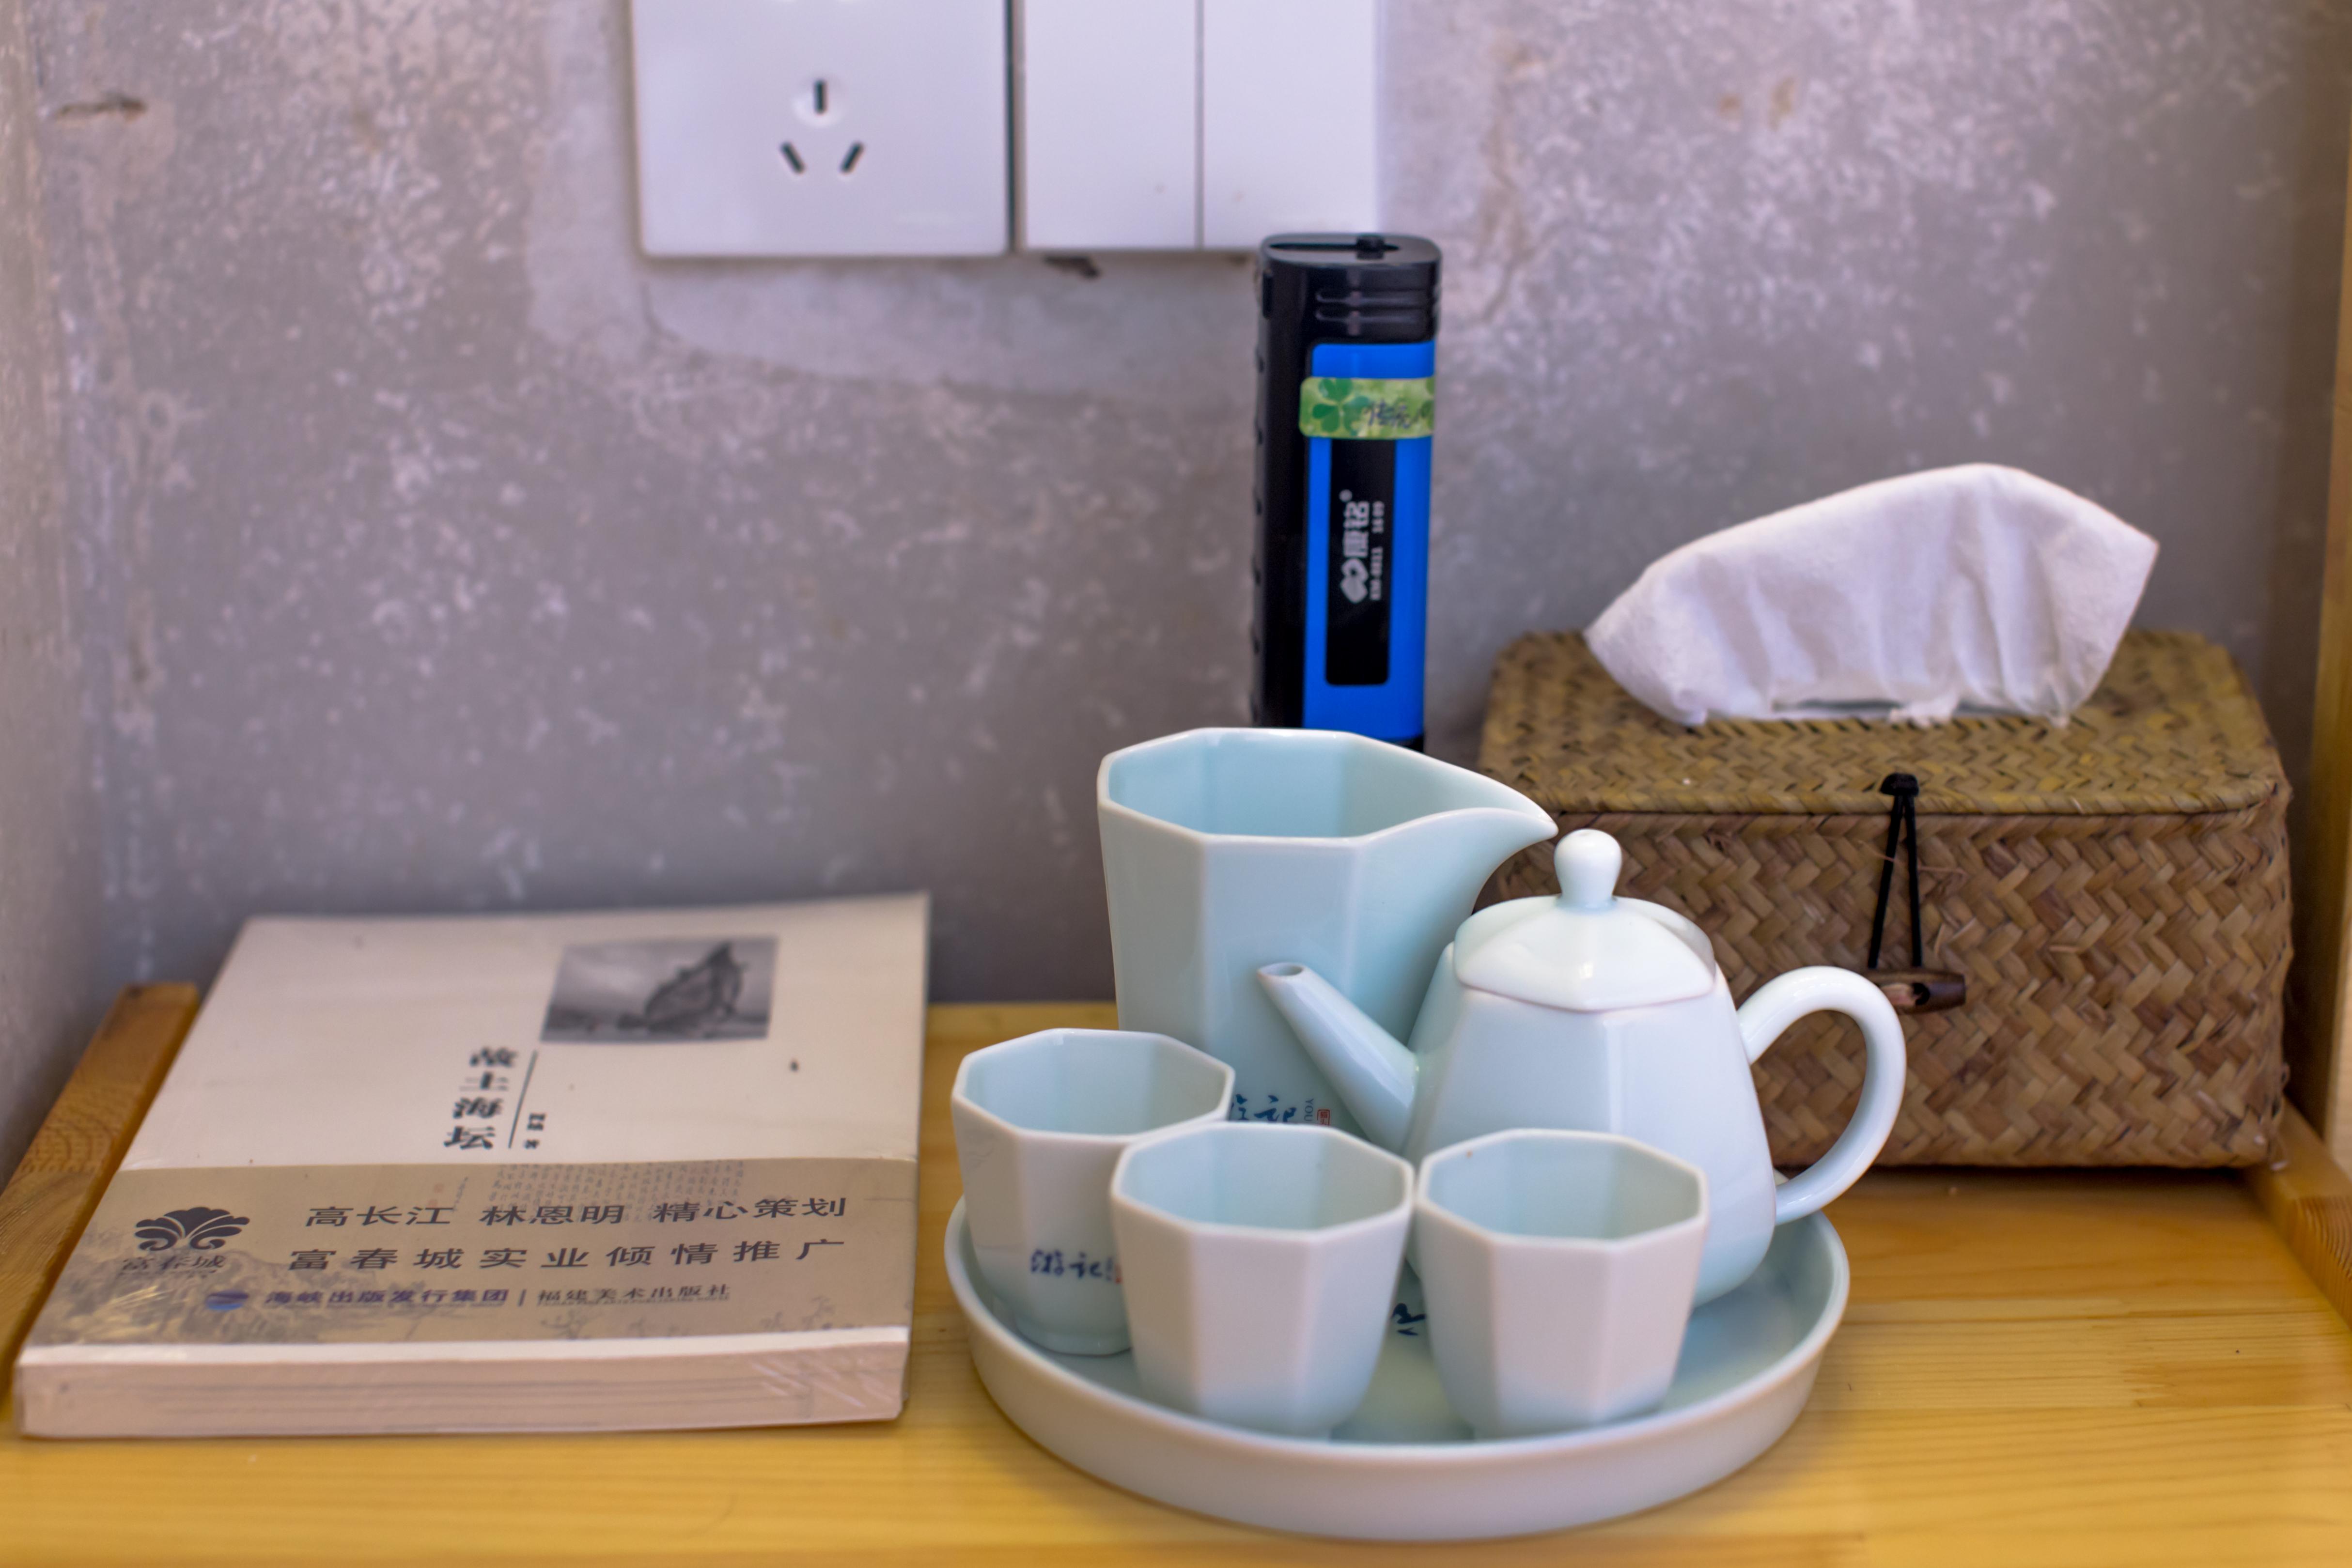 福州平潭游记民宿1晚自选房型+双人早餐+免费停车、免费wifi 【一处海边的世外桃源】